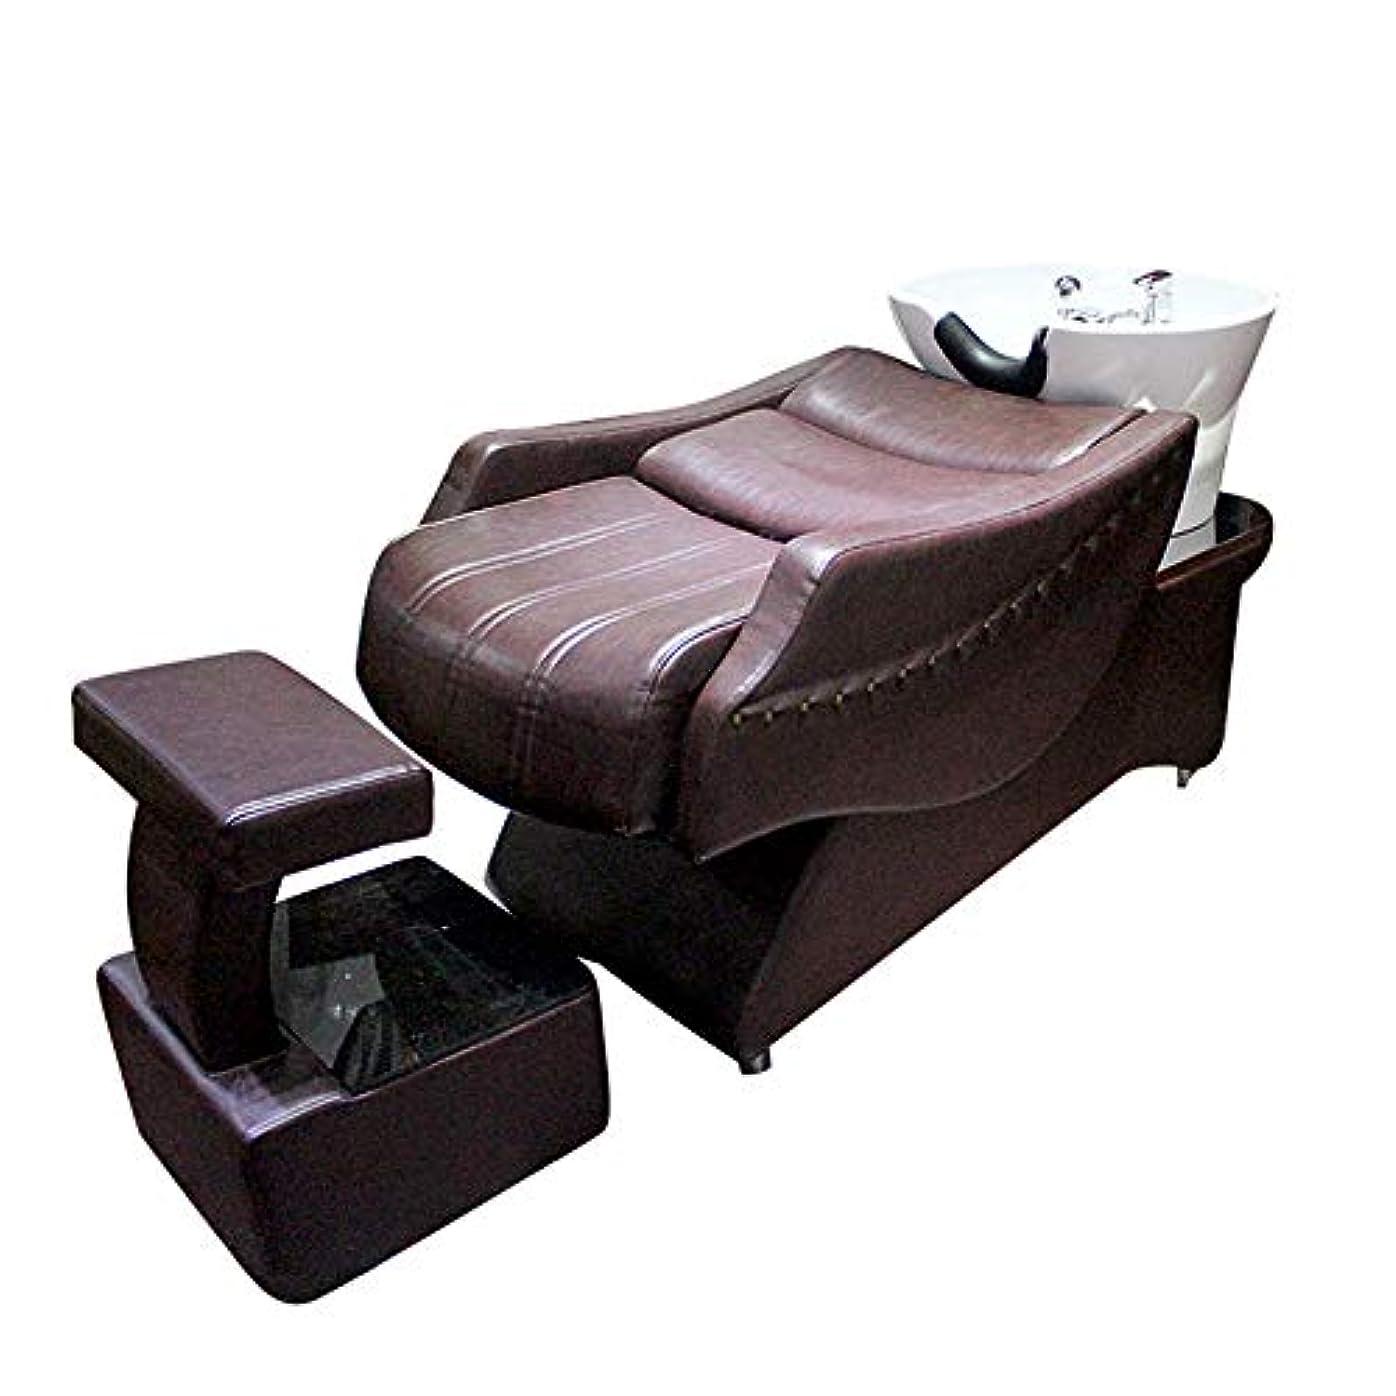 第二すべて部屋を掃除するシャンプーチェア、半横になっているシャンプーベッドの逆洗ユニットシャンプーボウル理髪シンクシンクチェア用スパ美容院機器